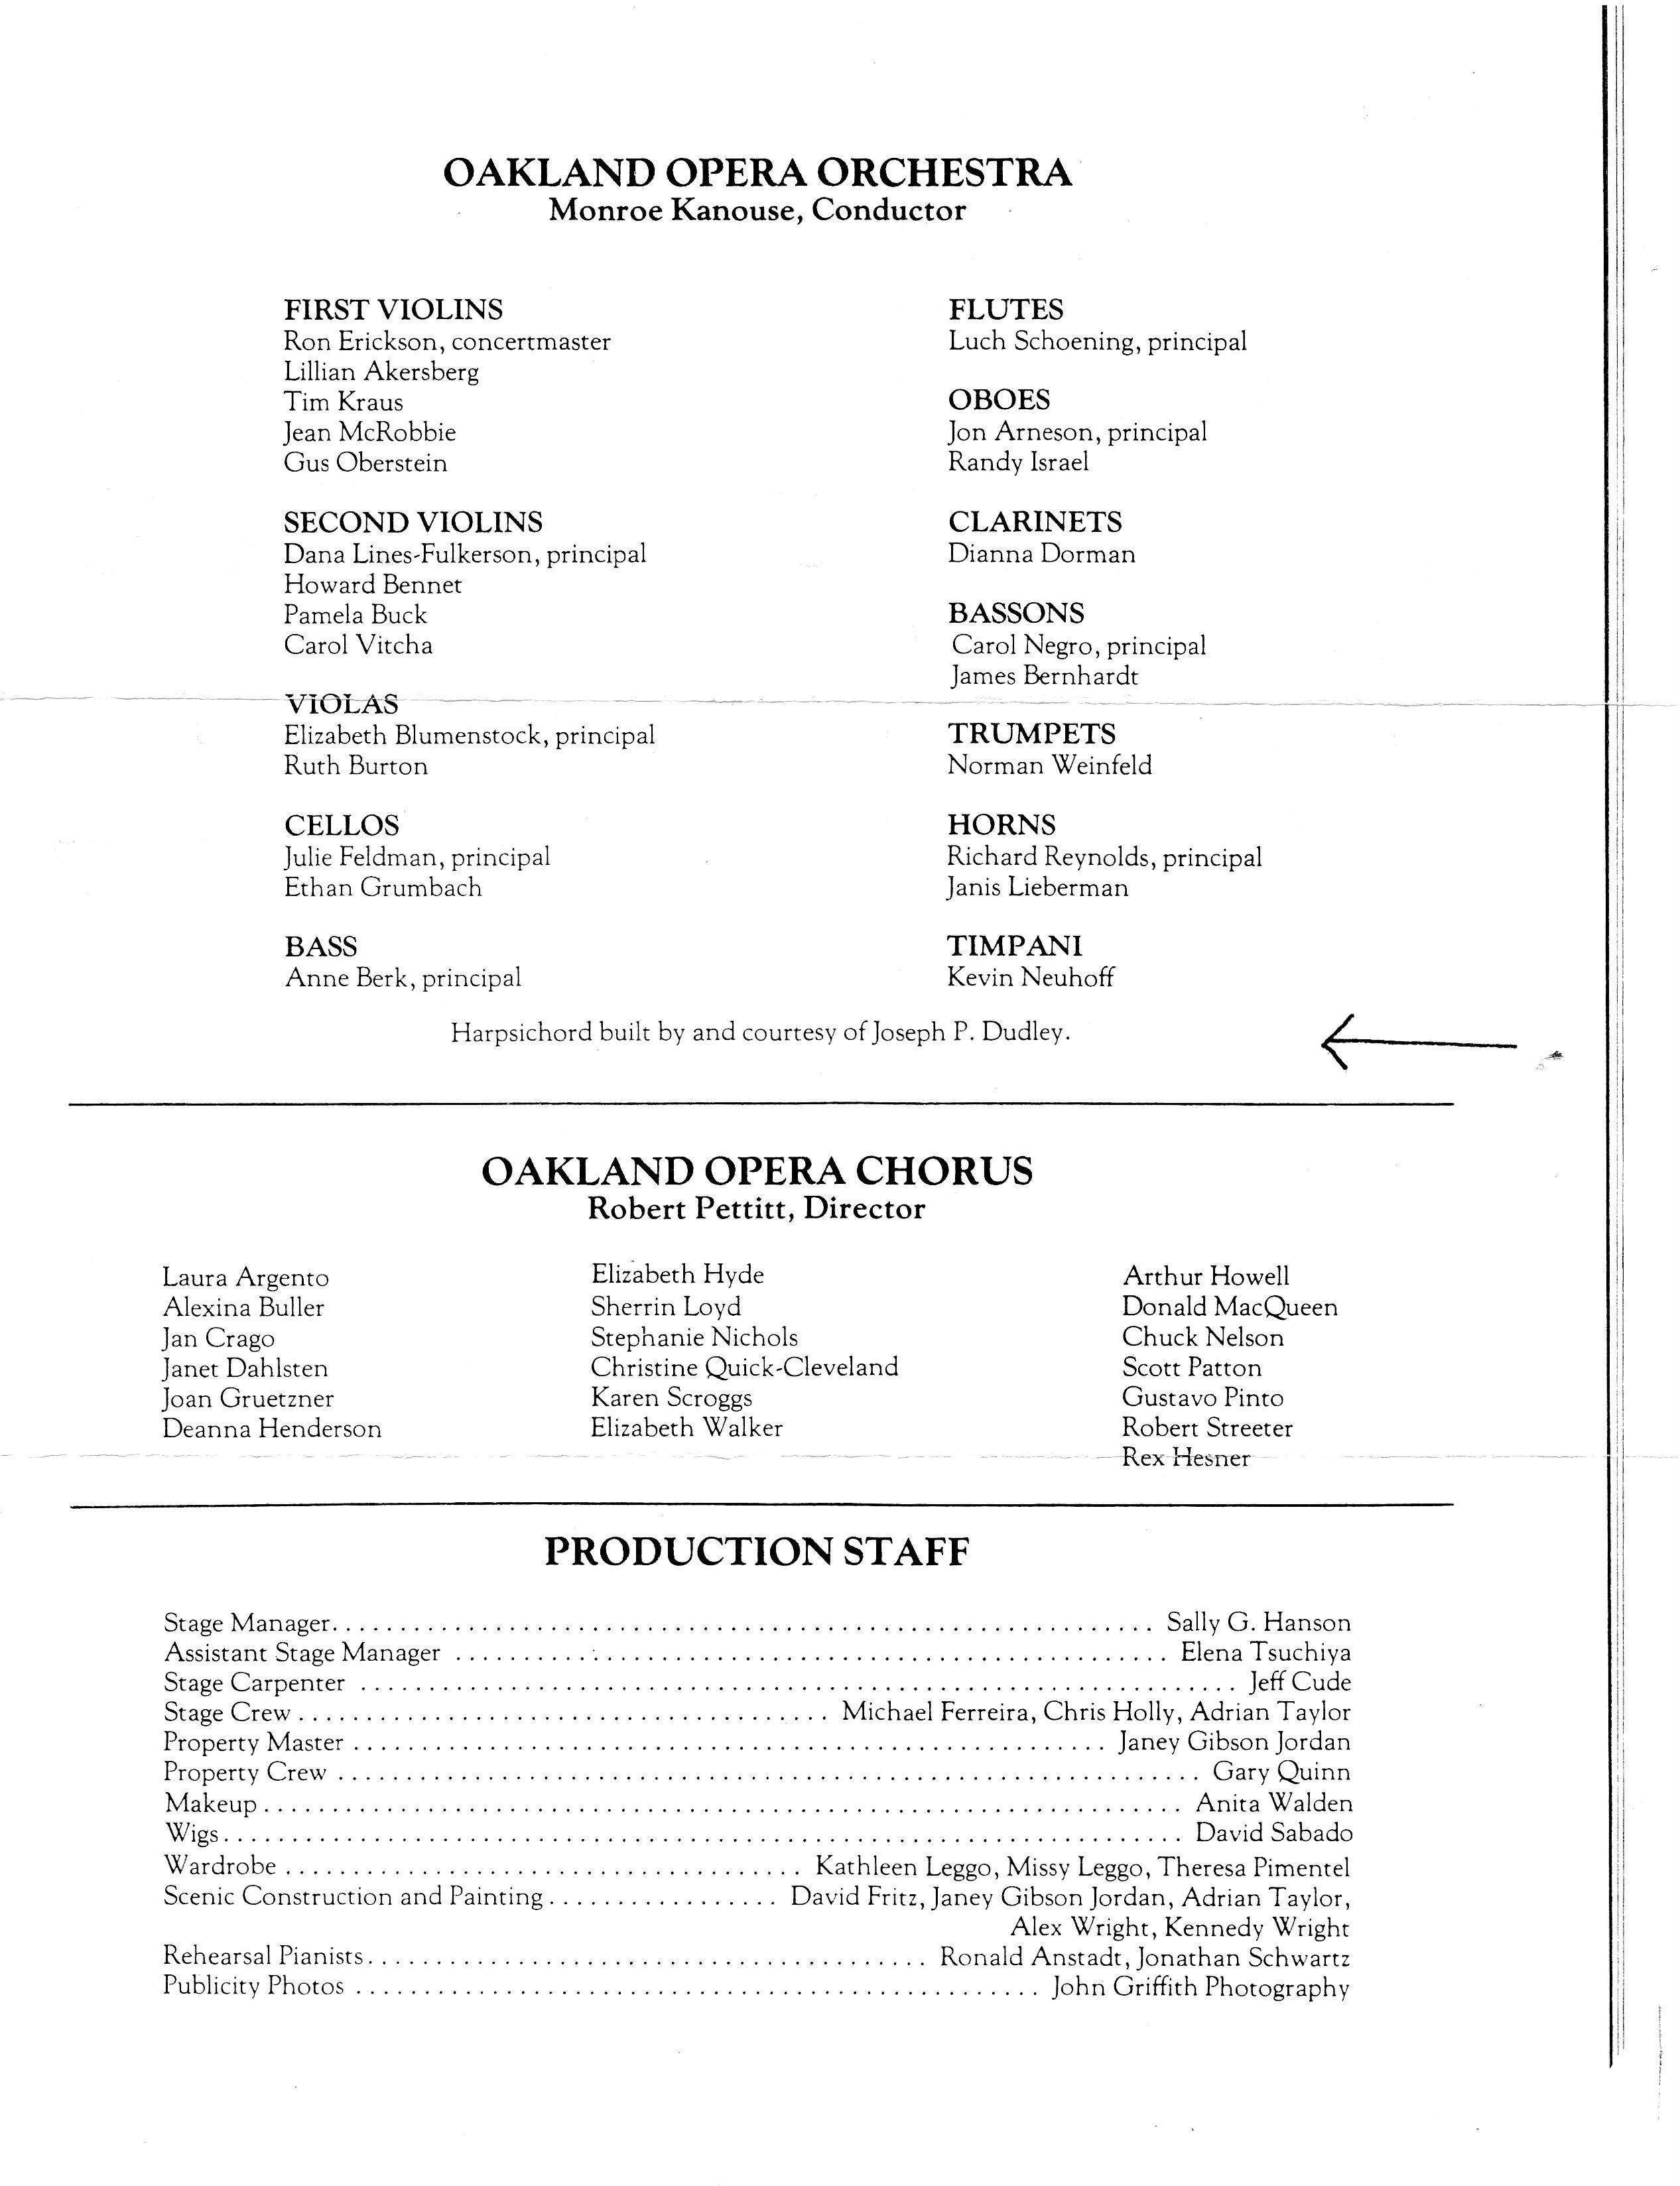 dudley_joseph_letters_genealogy_fixed tei xml